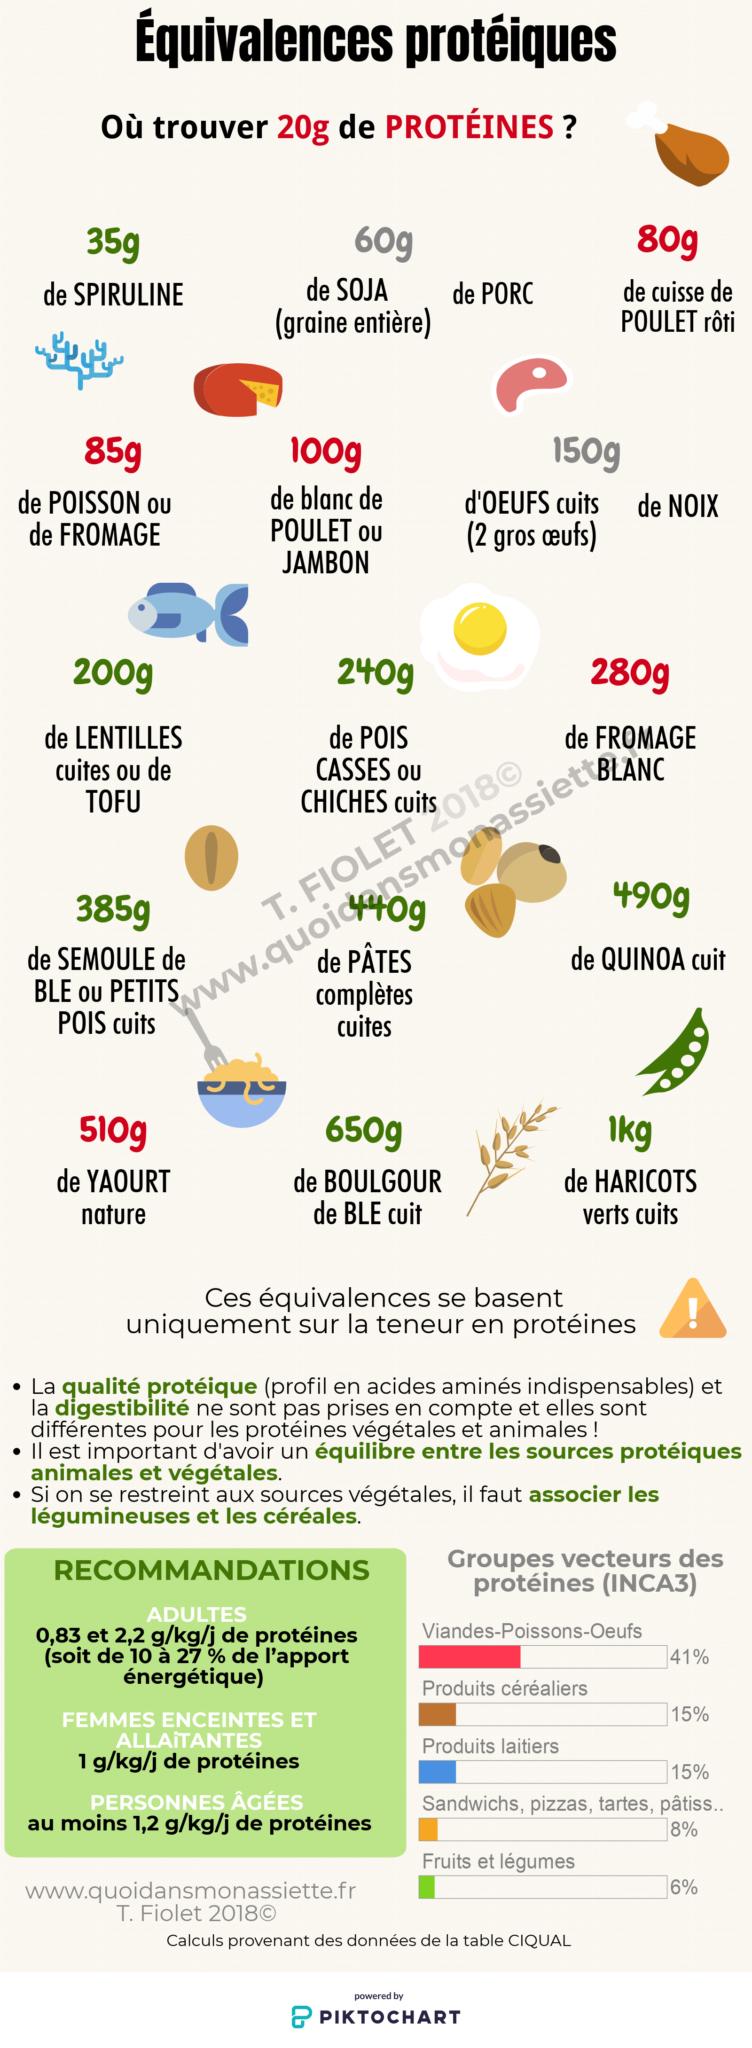 Infographie Equivalence repères où trouver protéiques 20g recommandations F